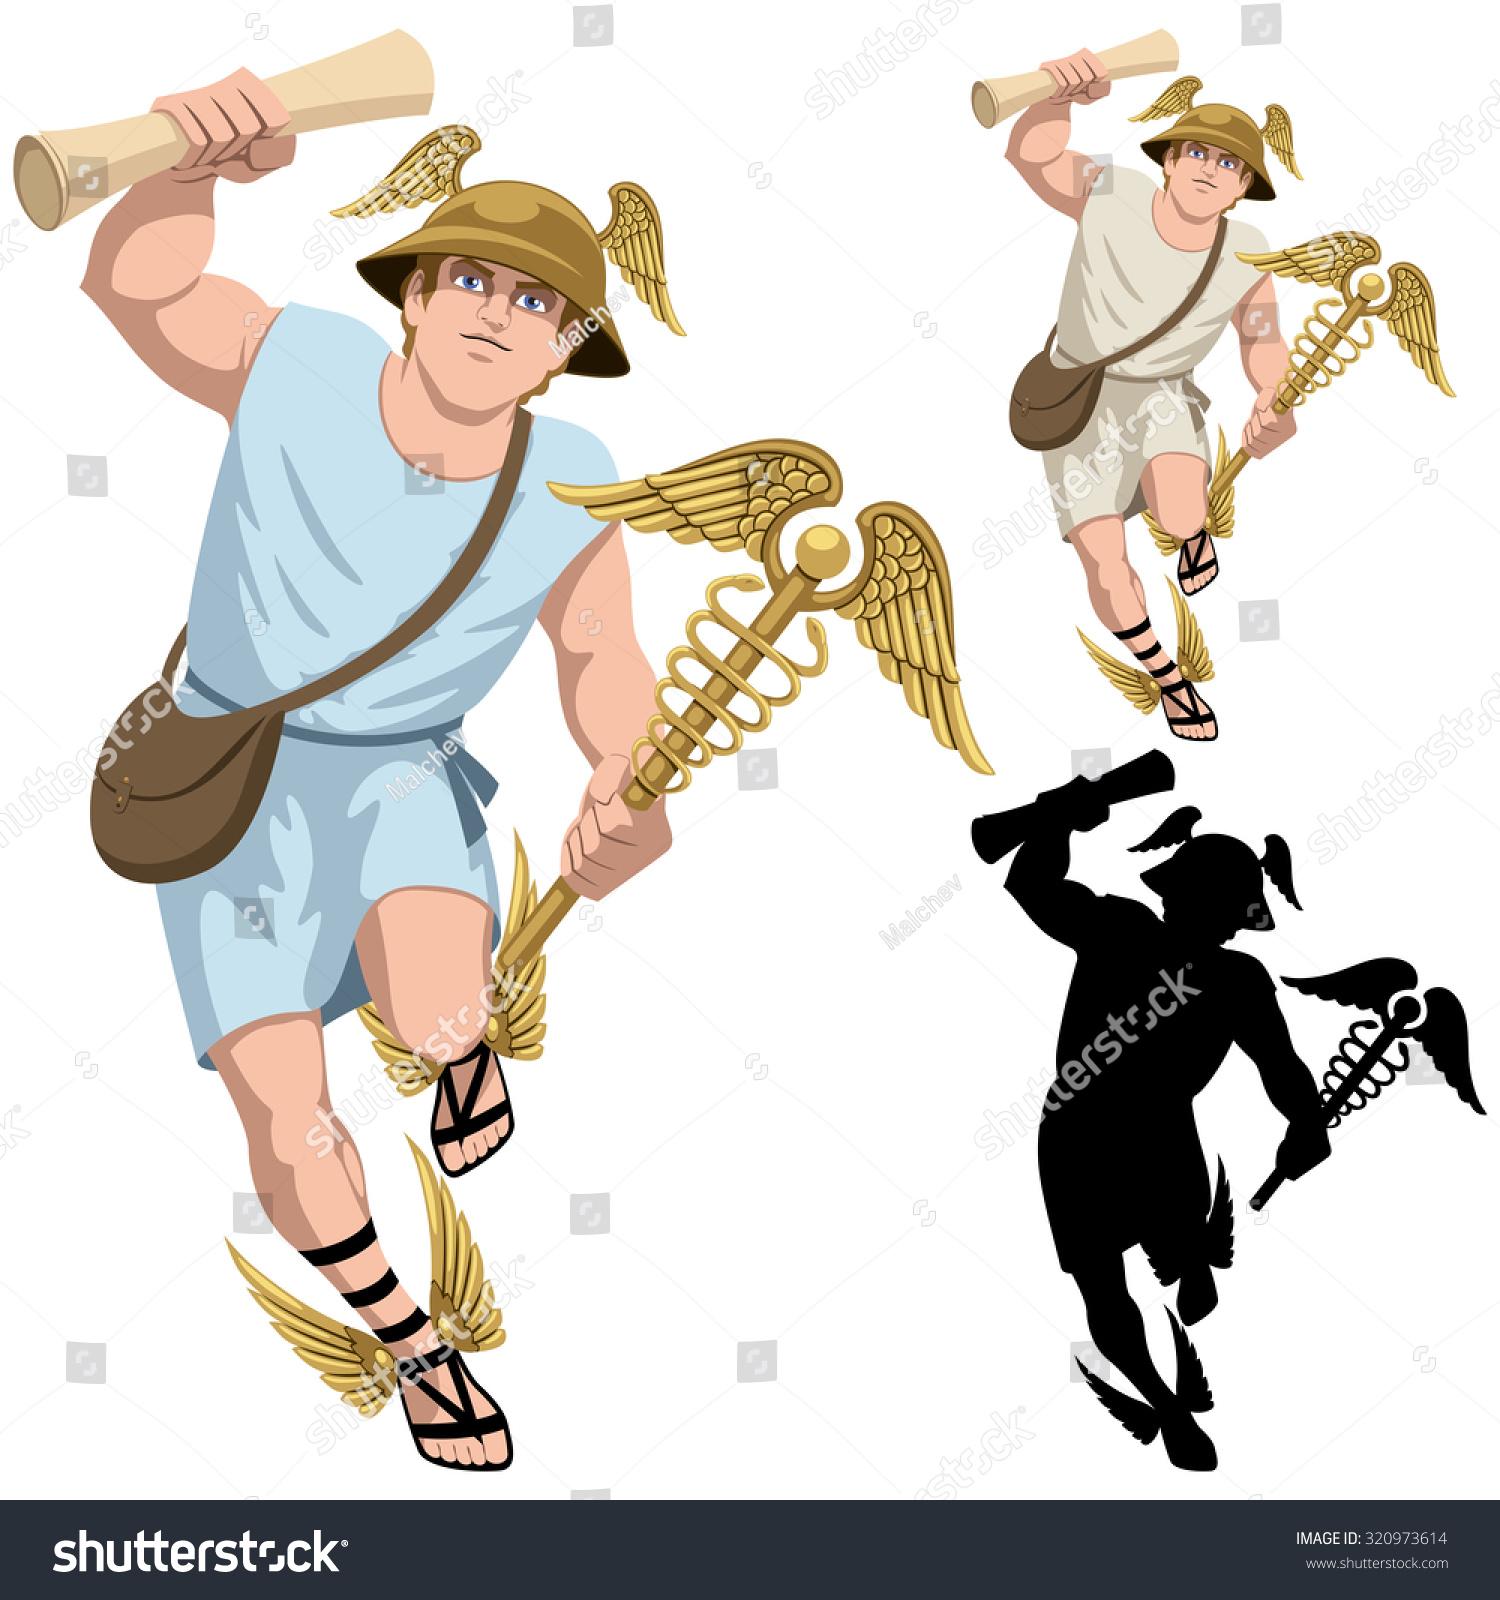 Uncategorized Hermes God hermes greek god isolated on stock vector 320973614 white and in 3 versions